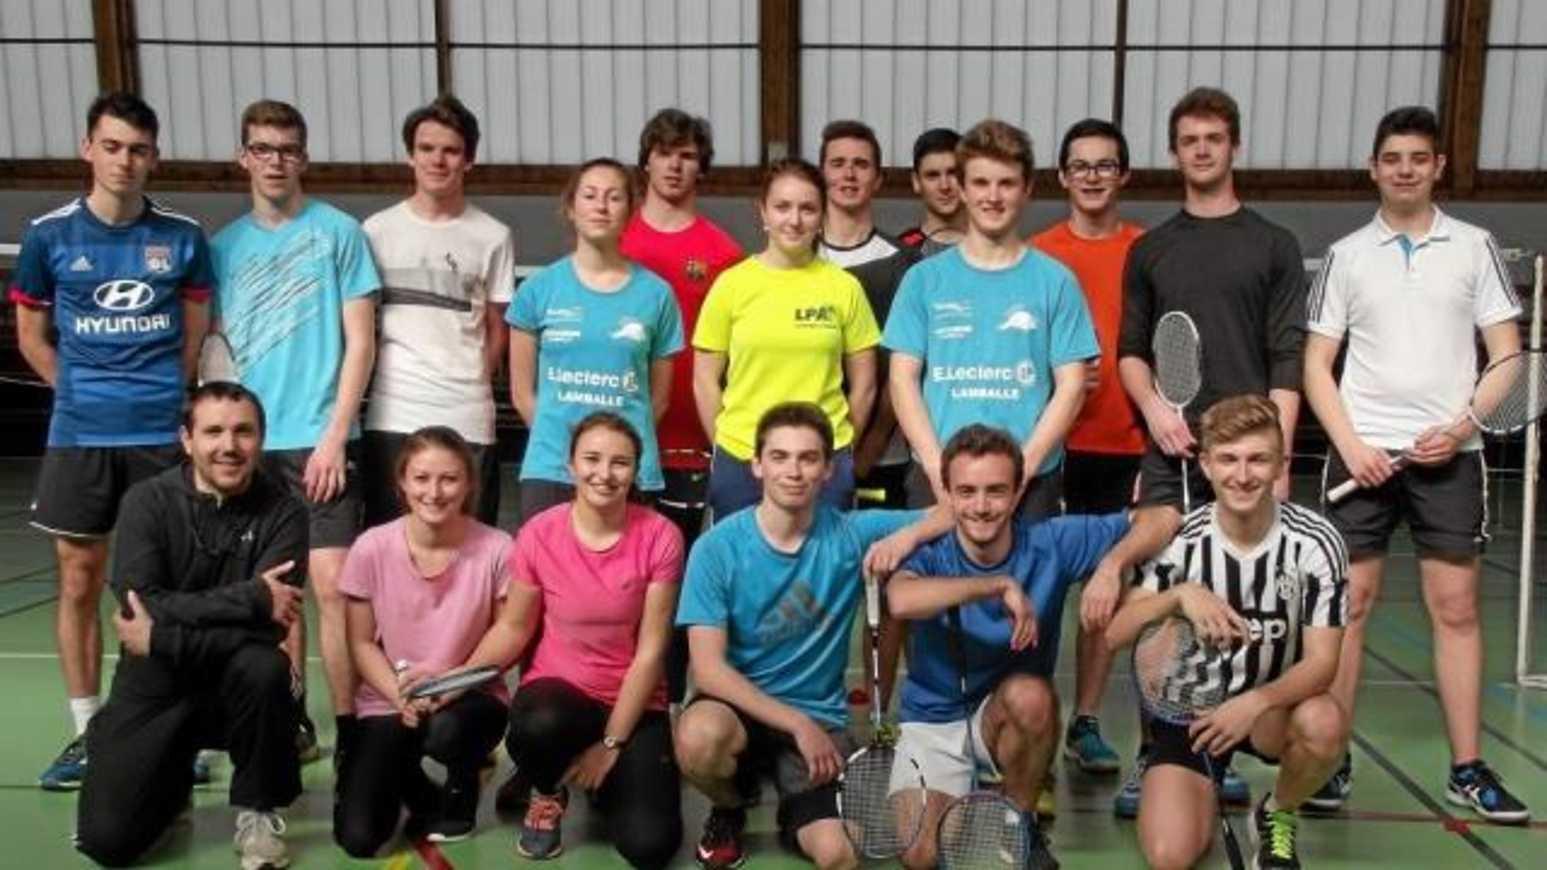 UNSS : Championnat de France de Badminton 0